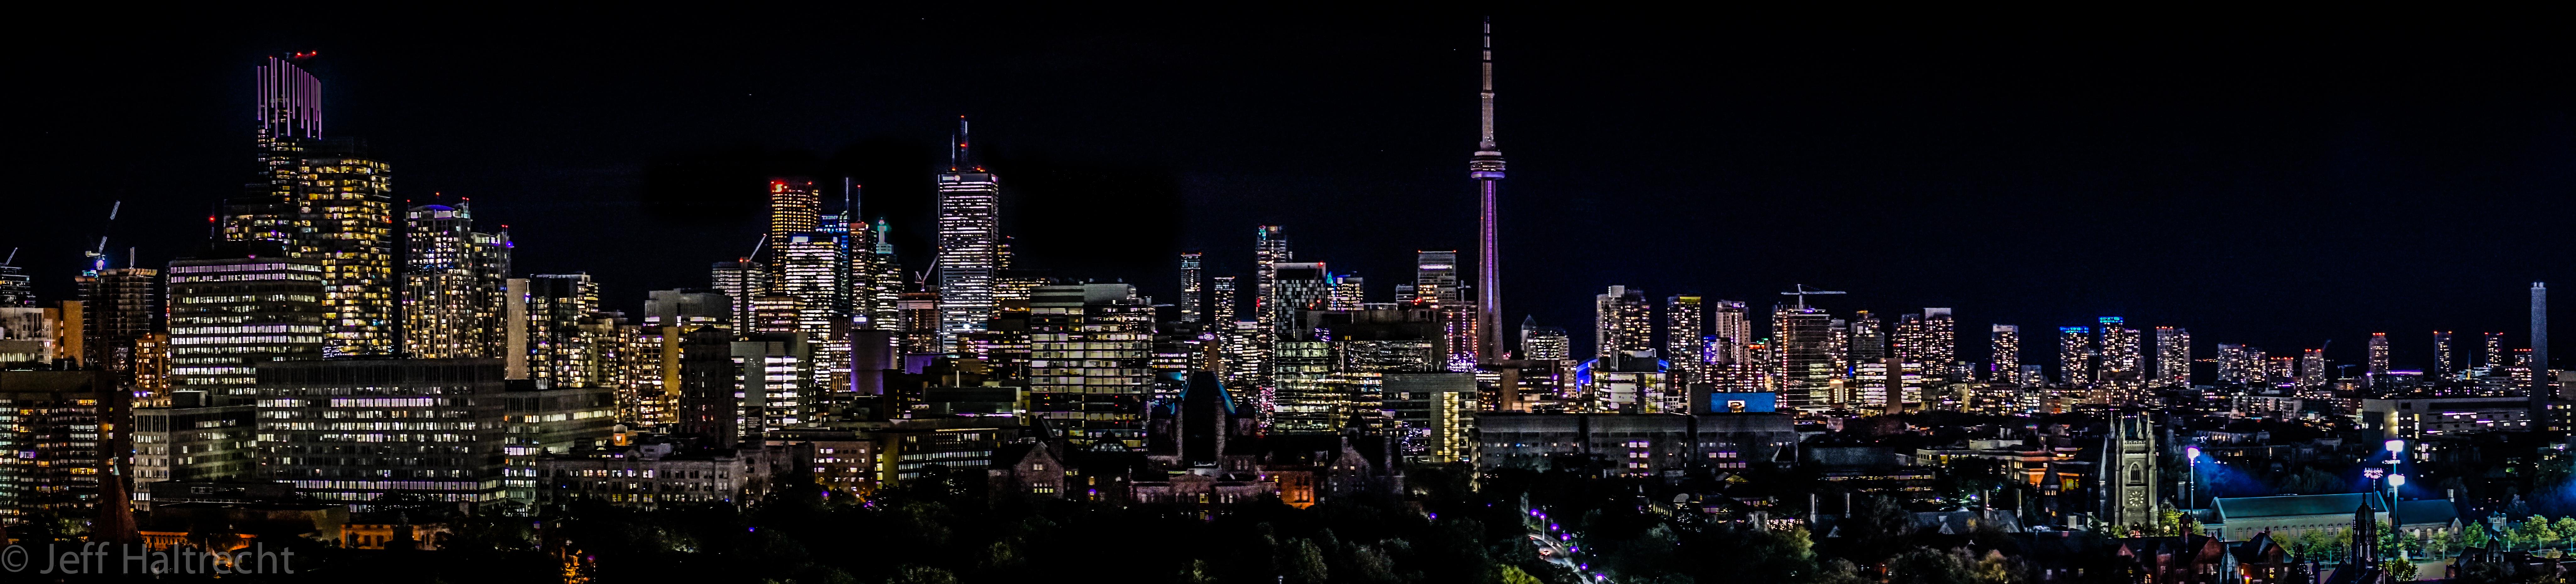 Nightime panorama toronto skyline park hyatt